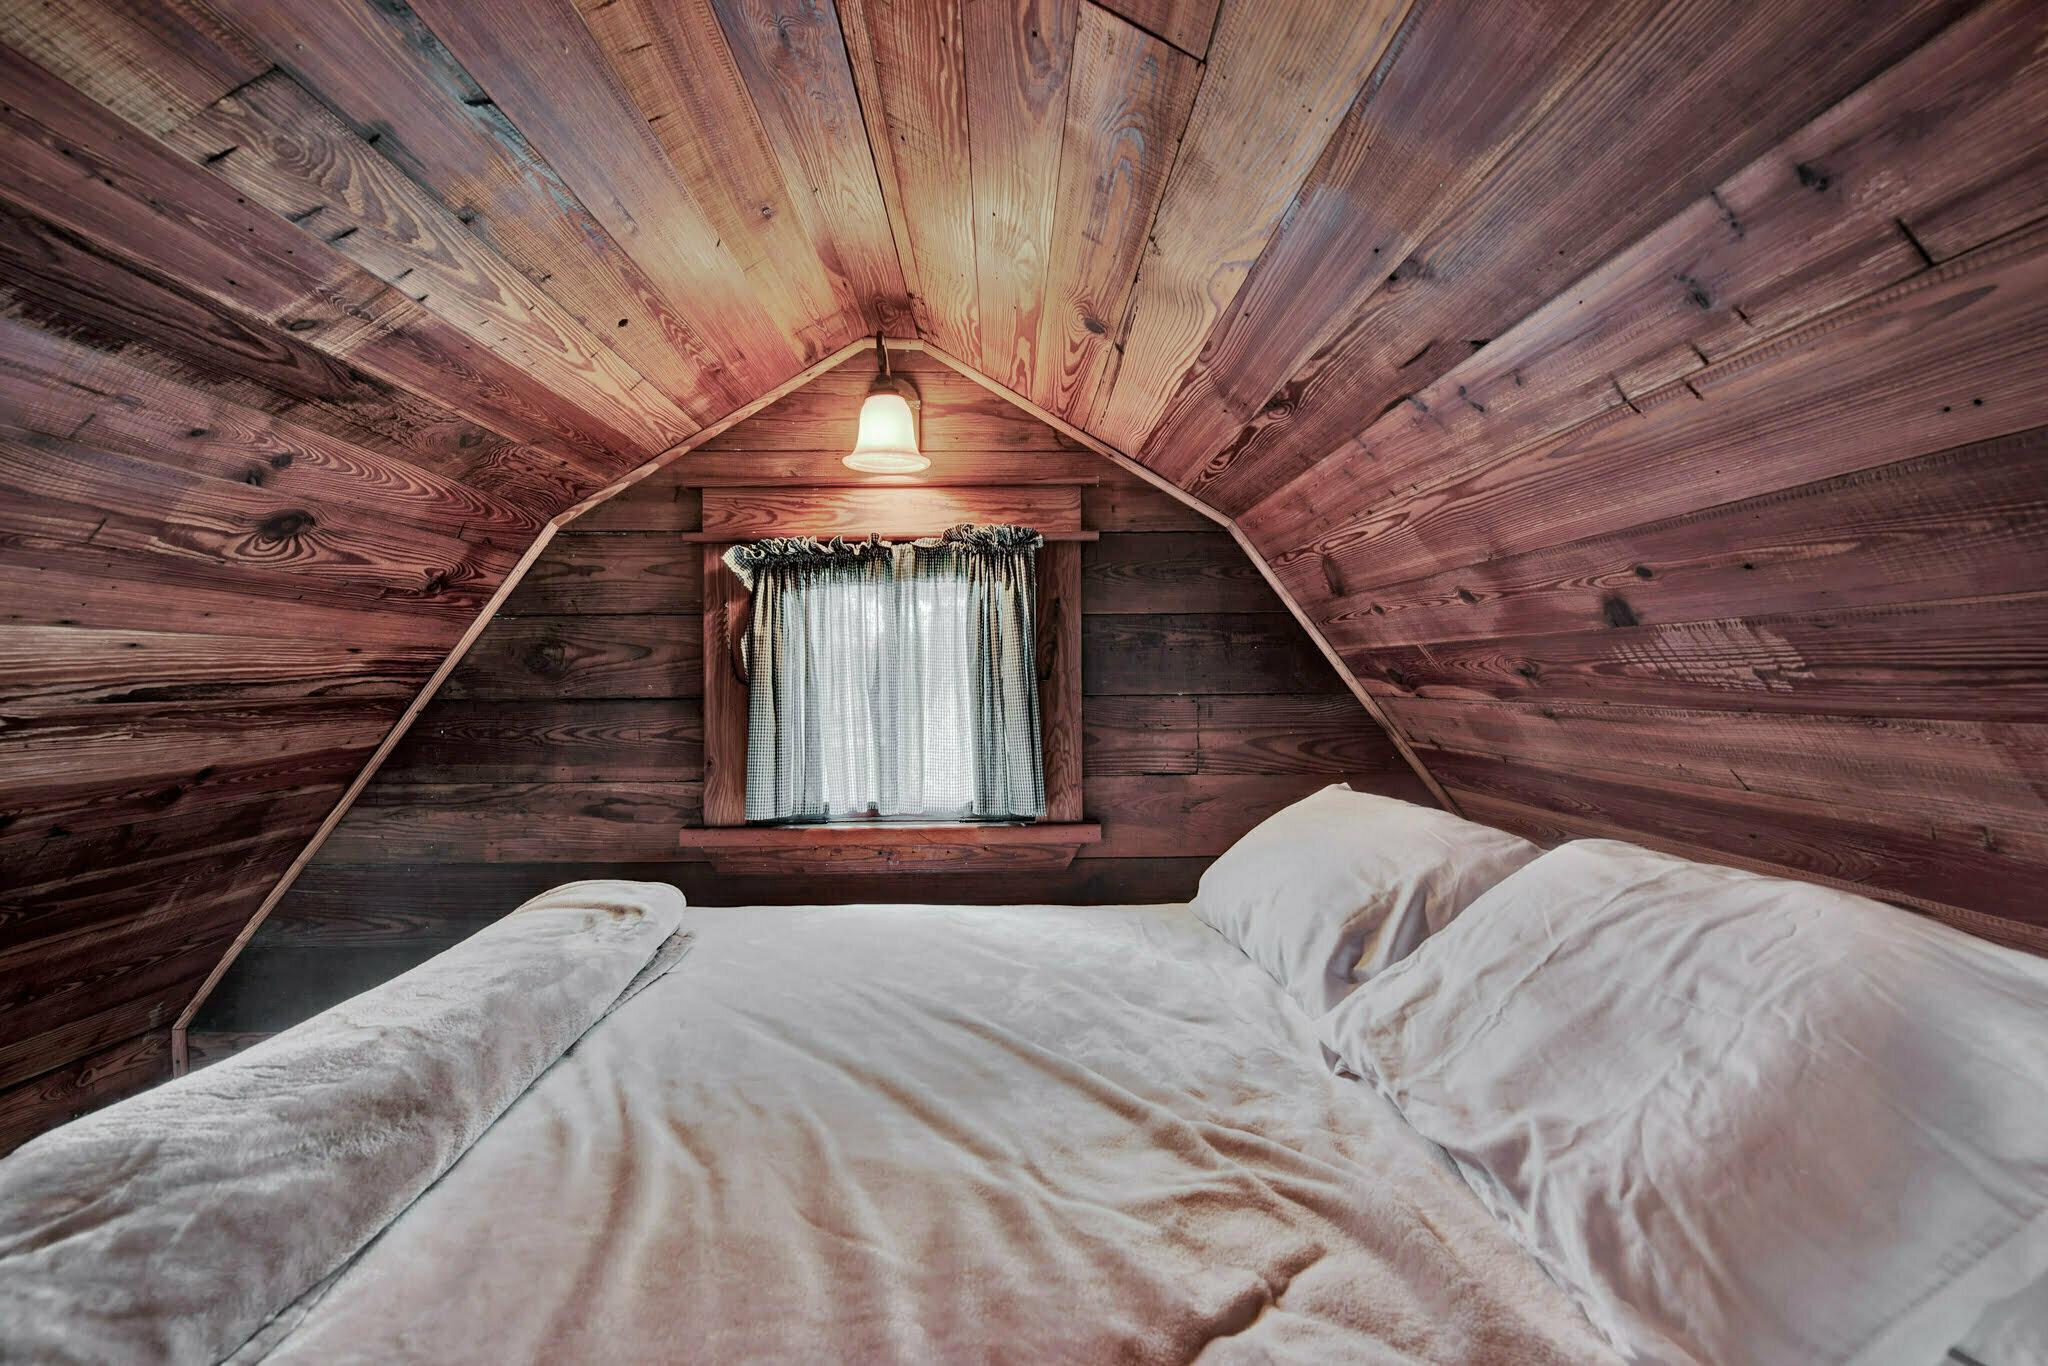 cozy bed in a loft